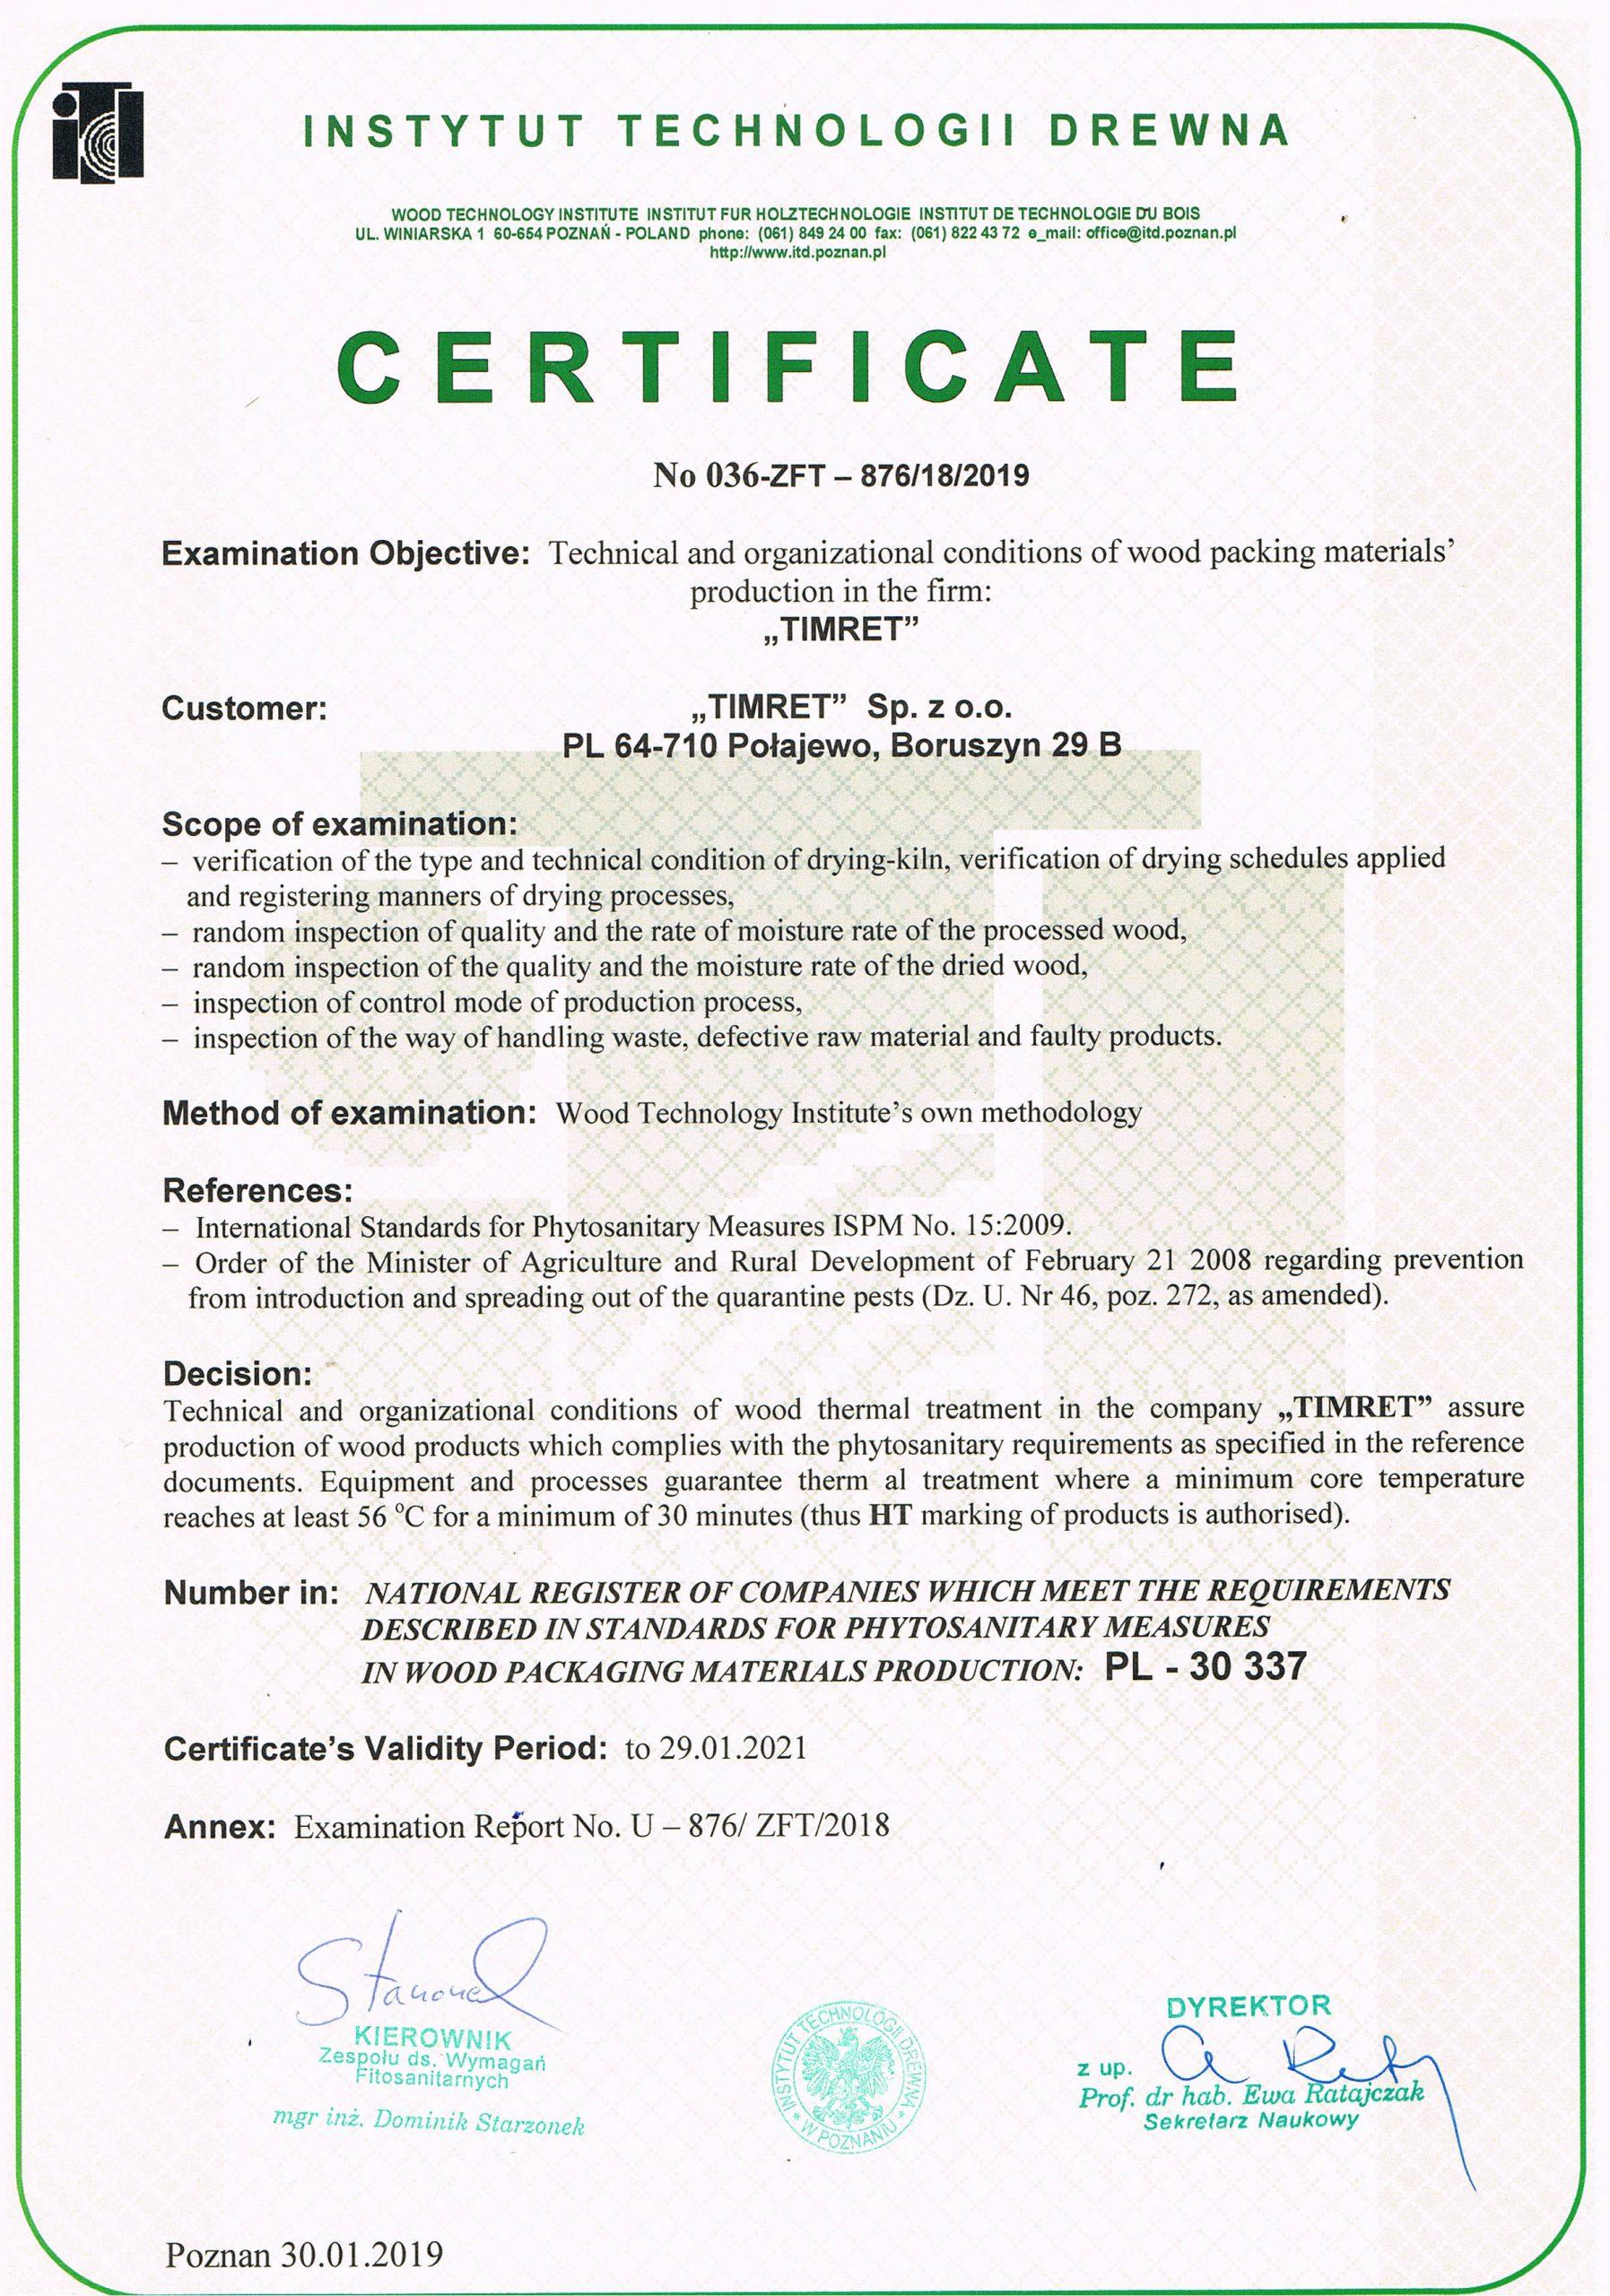 certyfikat firmy Timret Sp. z o.o.